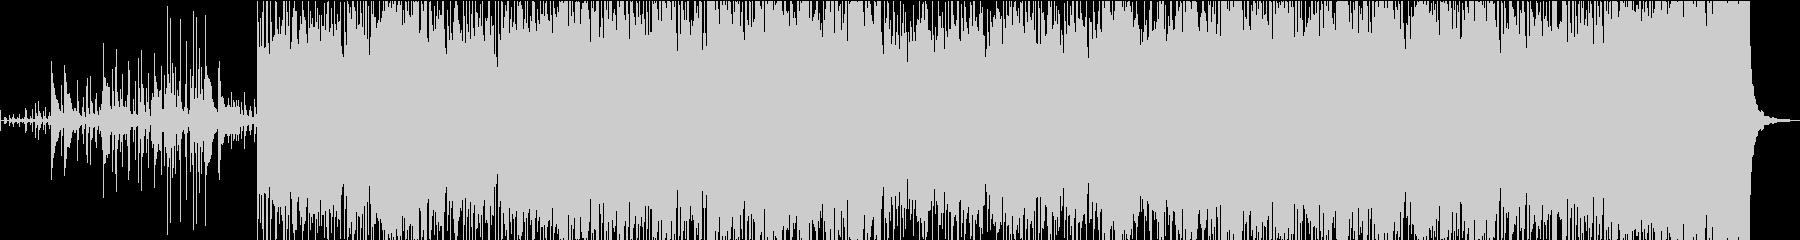 本物のドラムと電子ループを融合した...の未再生の波形